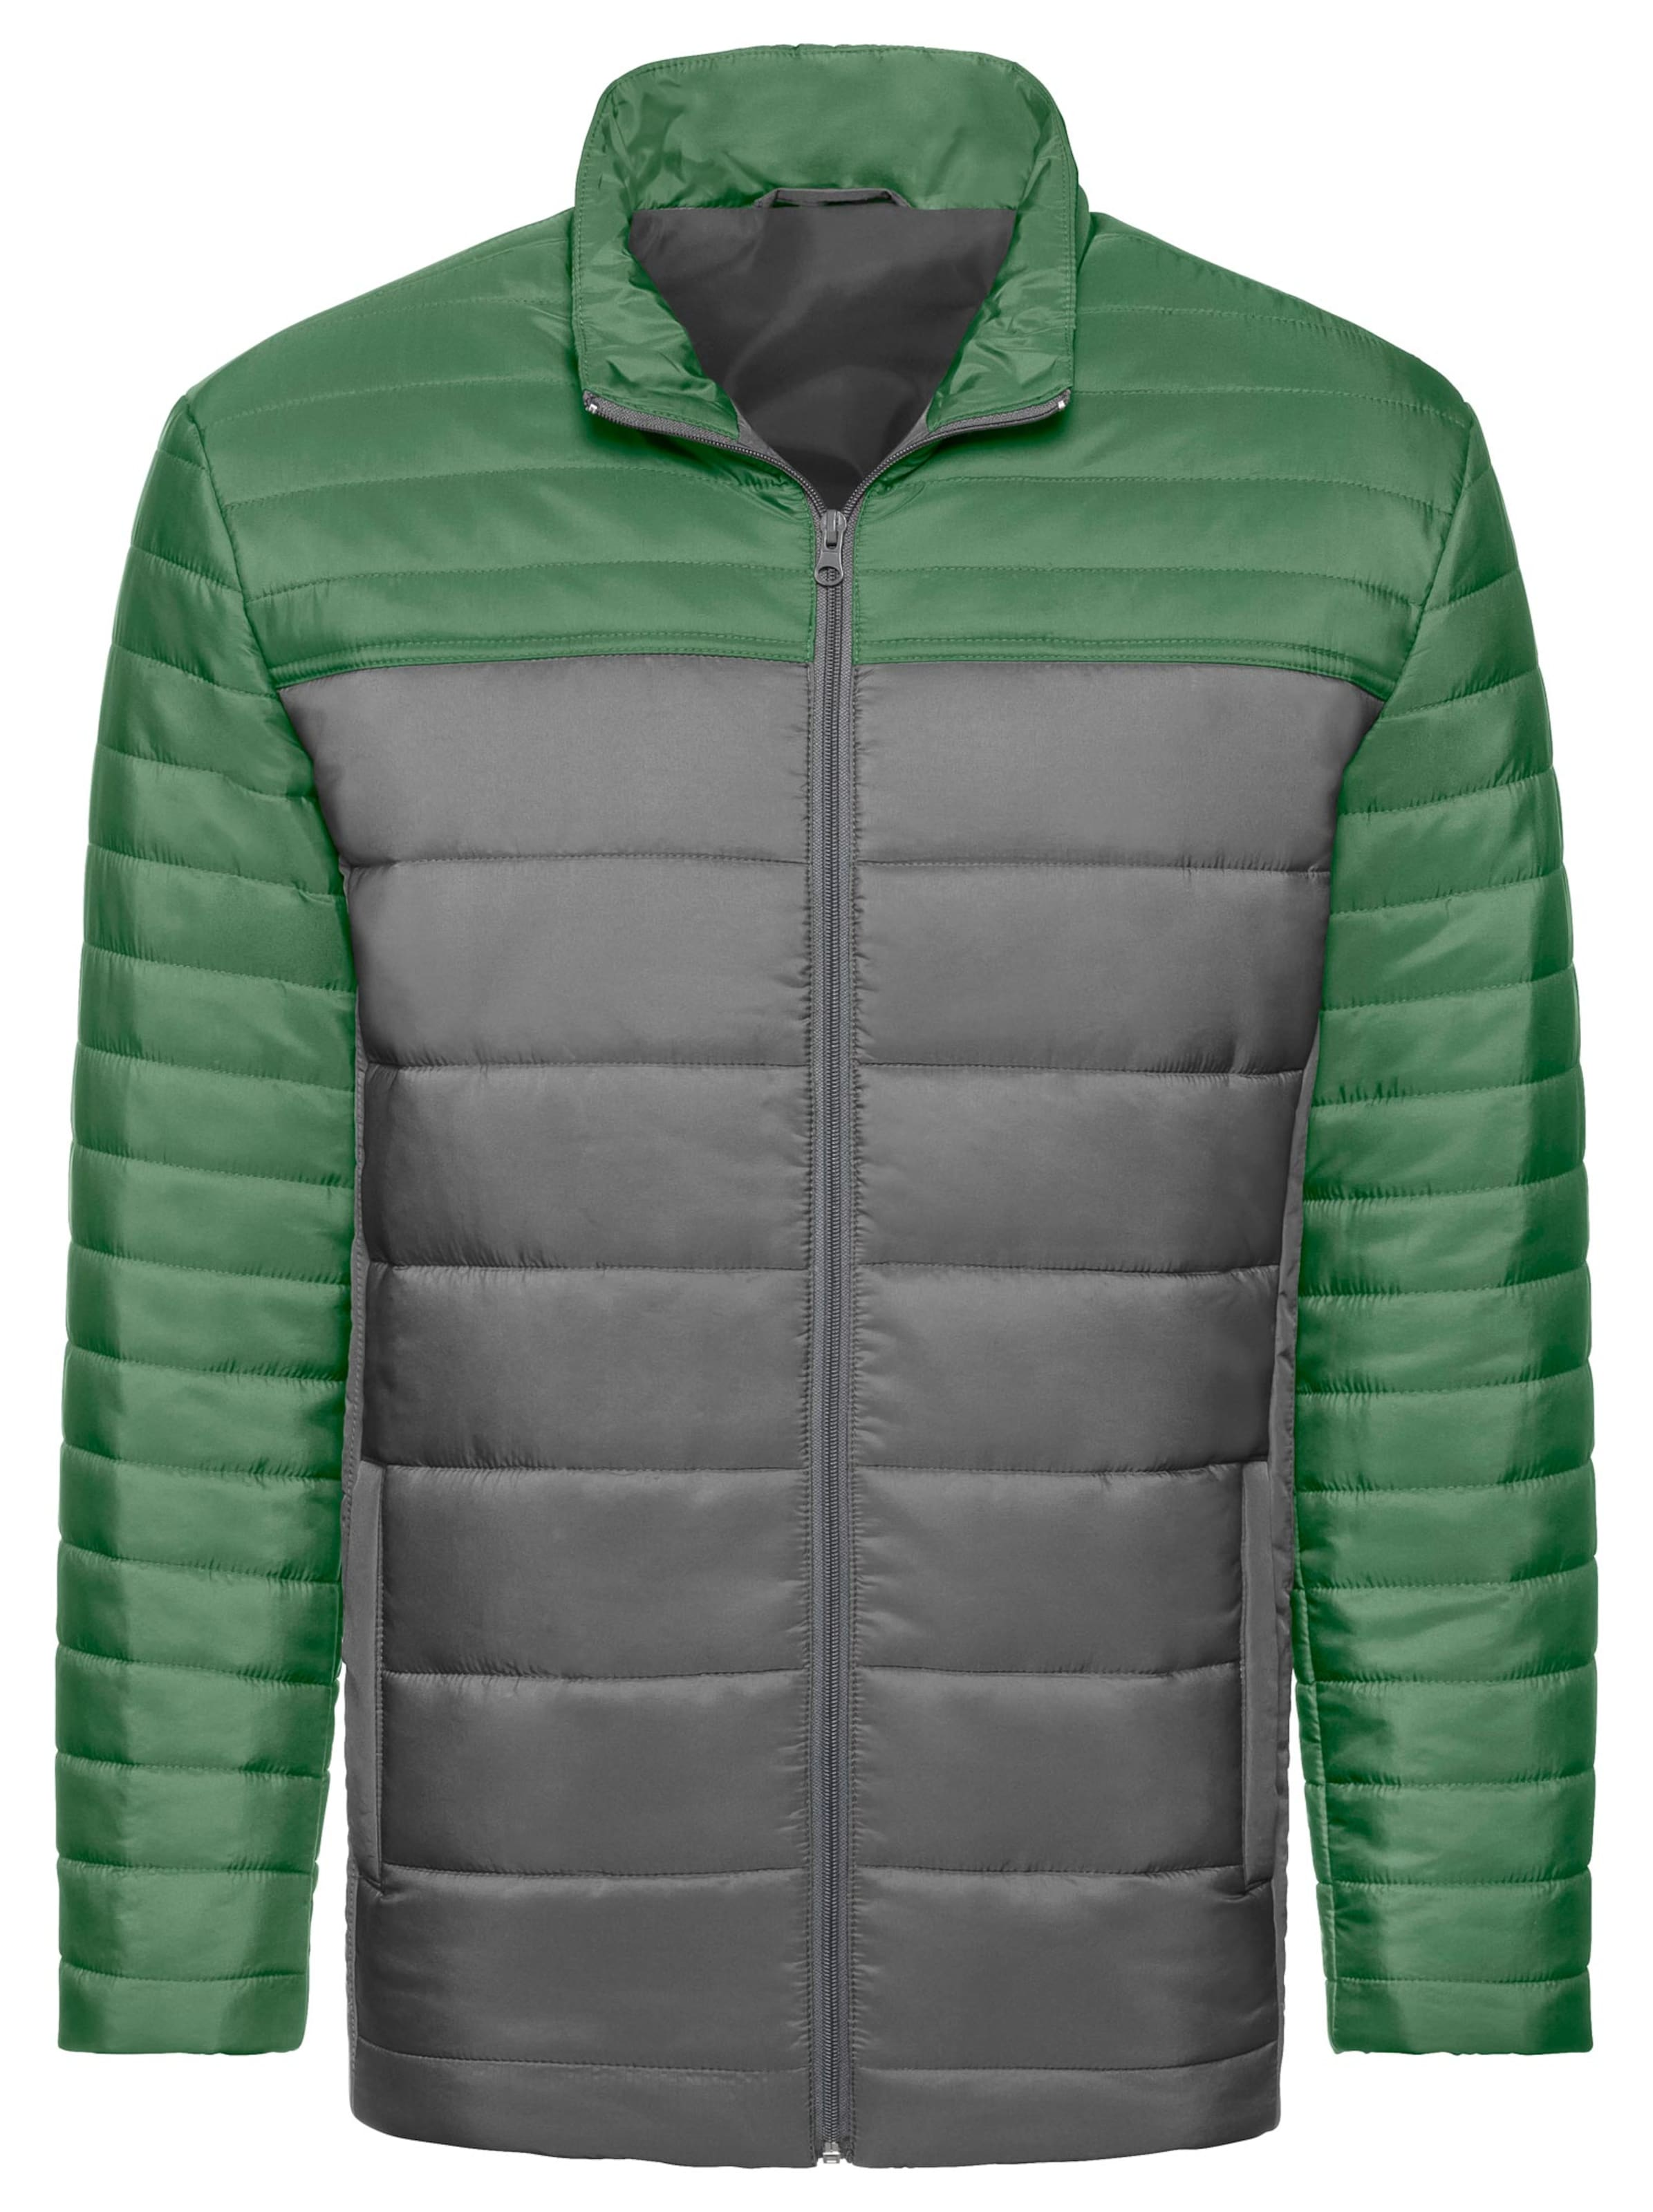 witt weiden - Herren Jacke grün-silberfarben